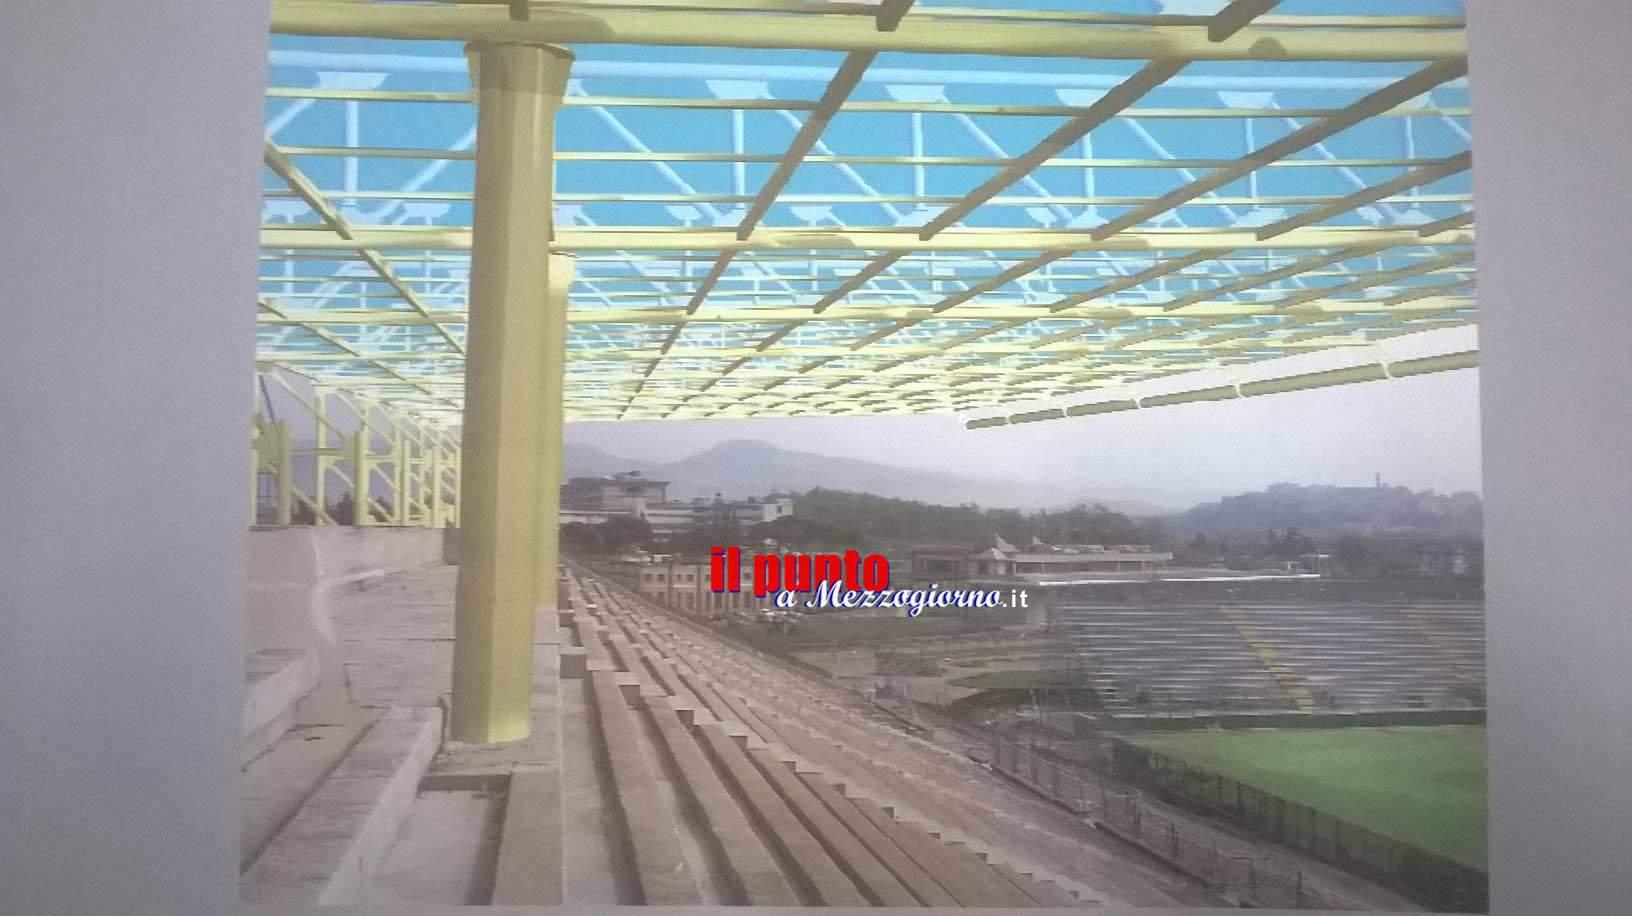 Nuovo stadio Frosinone, firmata la concessione per 45 anni al Stirpe